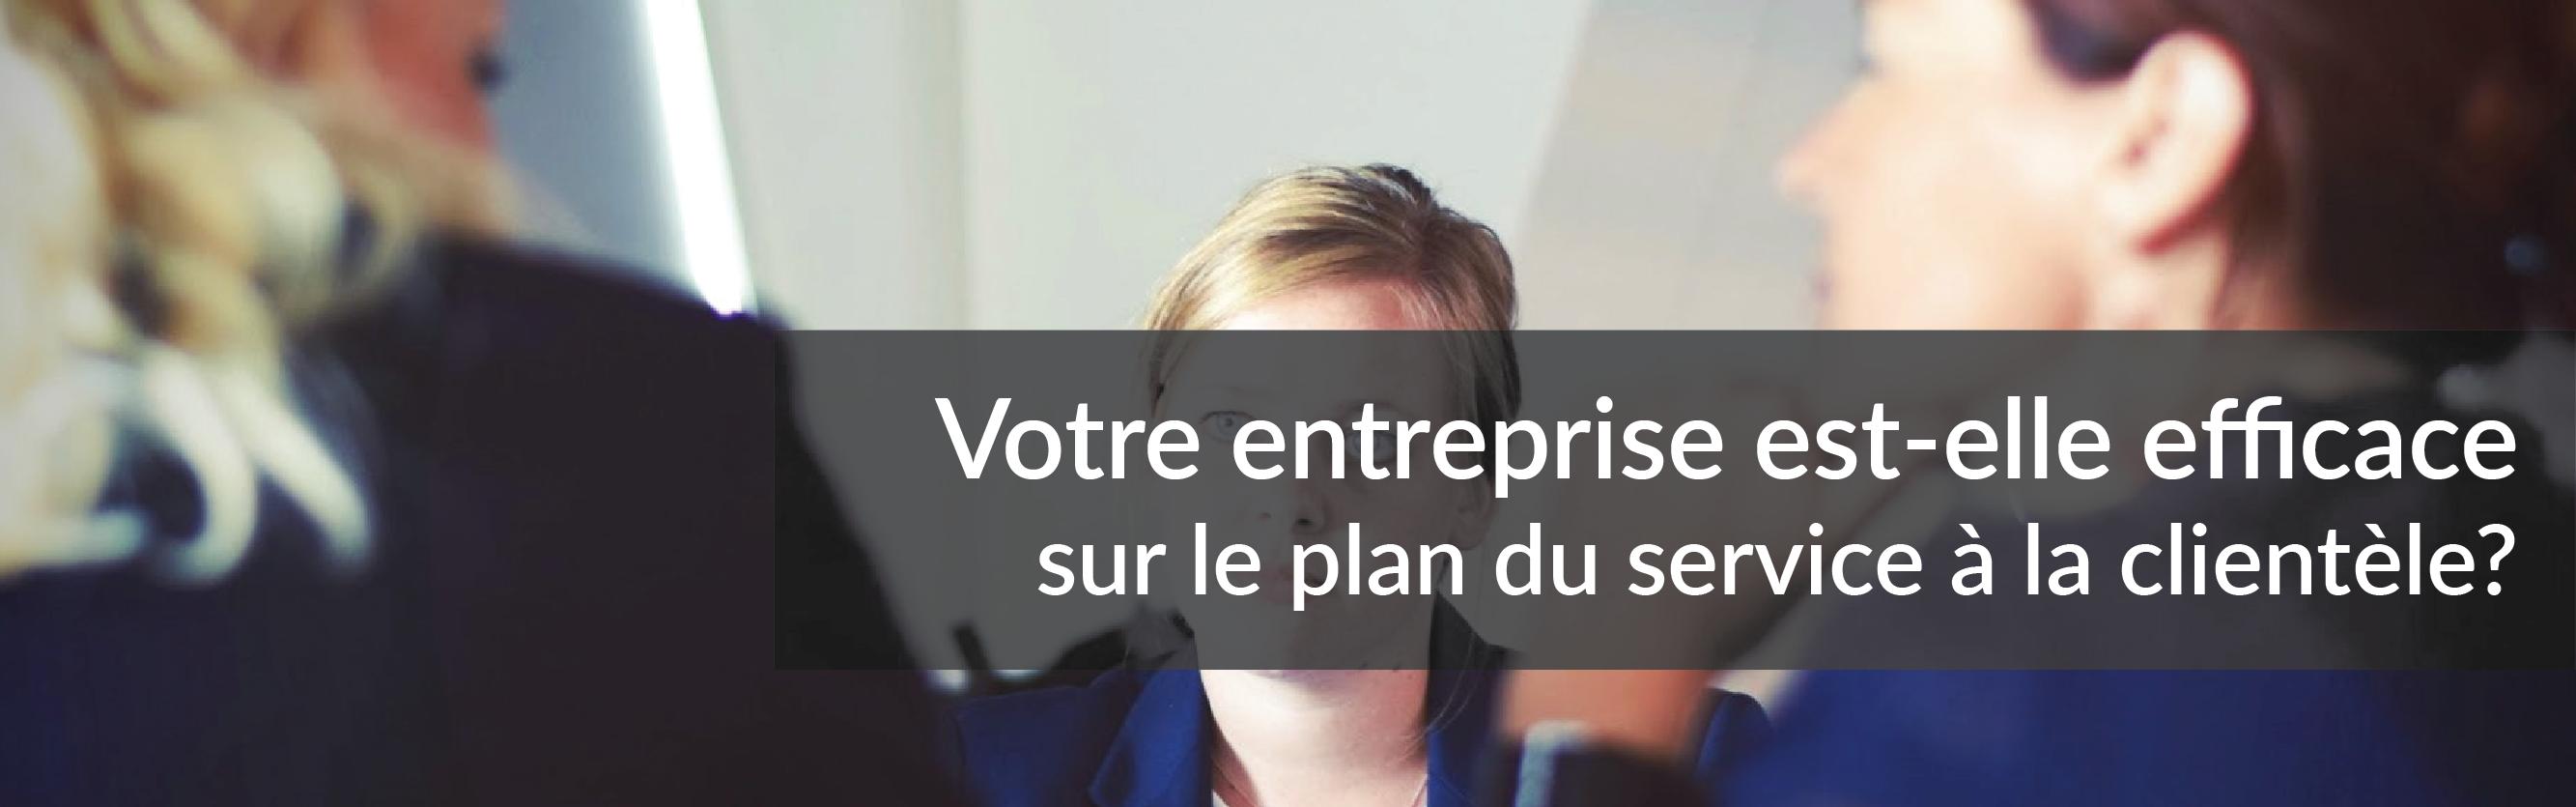 Votre entreprise est-elle efficace sur le plan du service à la clientèle? | Studio Grafik